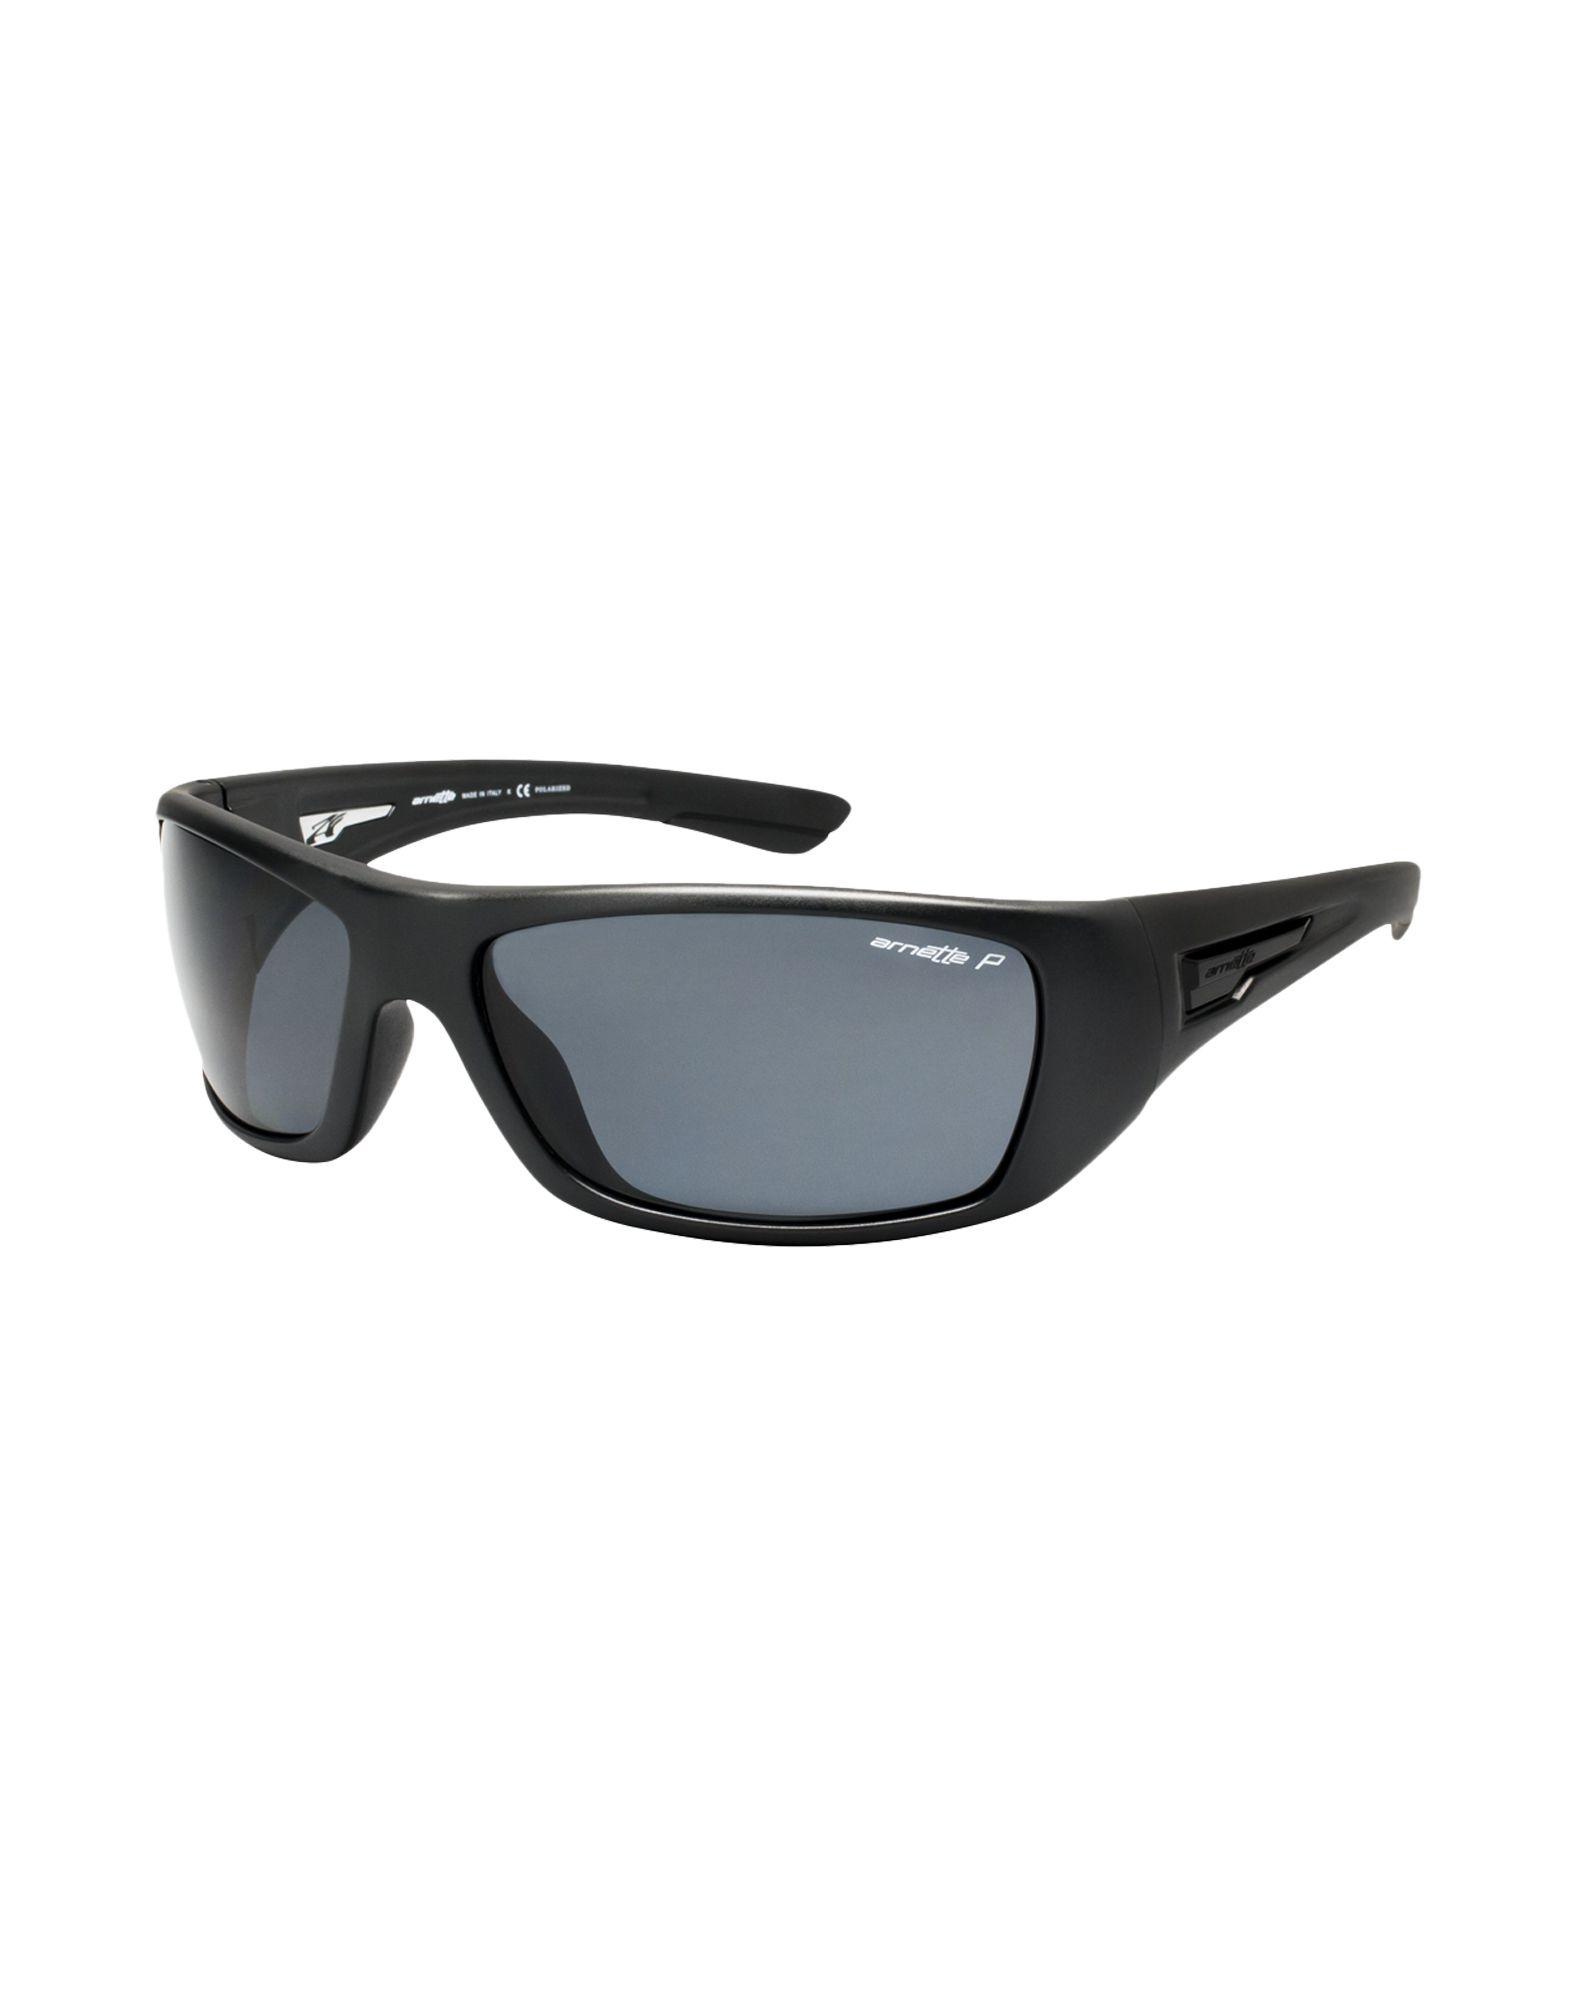 a4477073017 Arnette Sunglasses in Black for Men